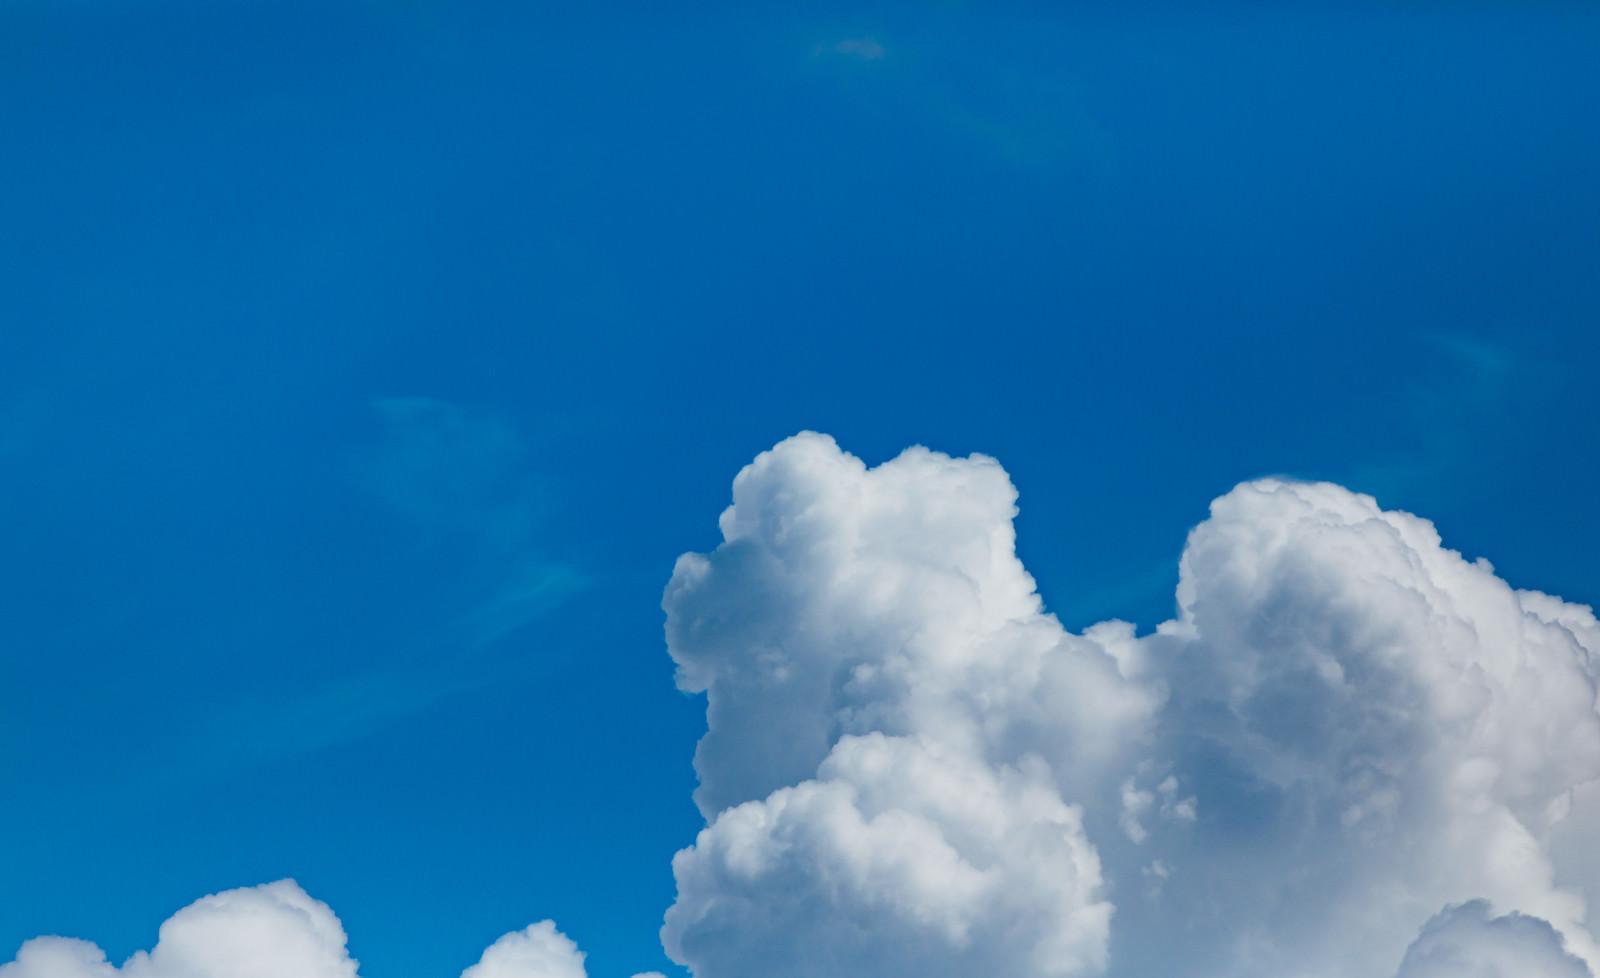 「夏の空と積乱雲夏の空と積乱雲」のフリー写真素材を拡大